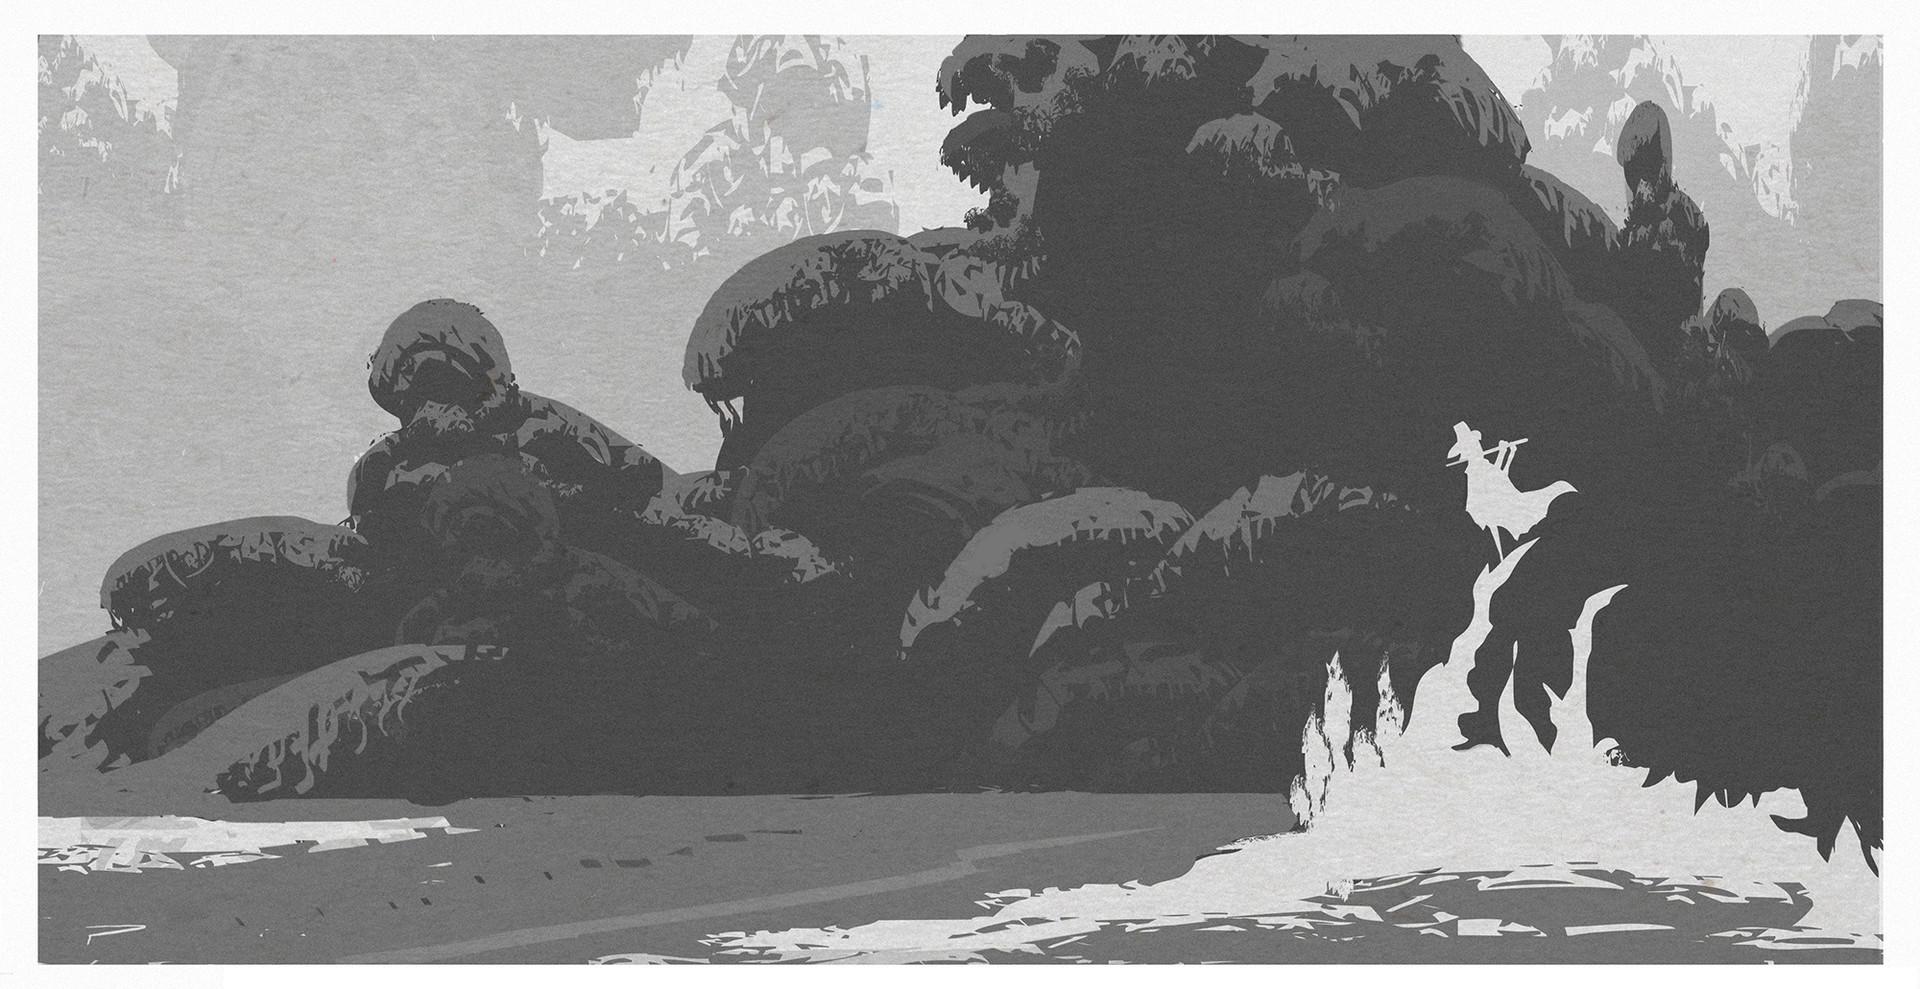 Hugo puzzuoli witch forest 04